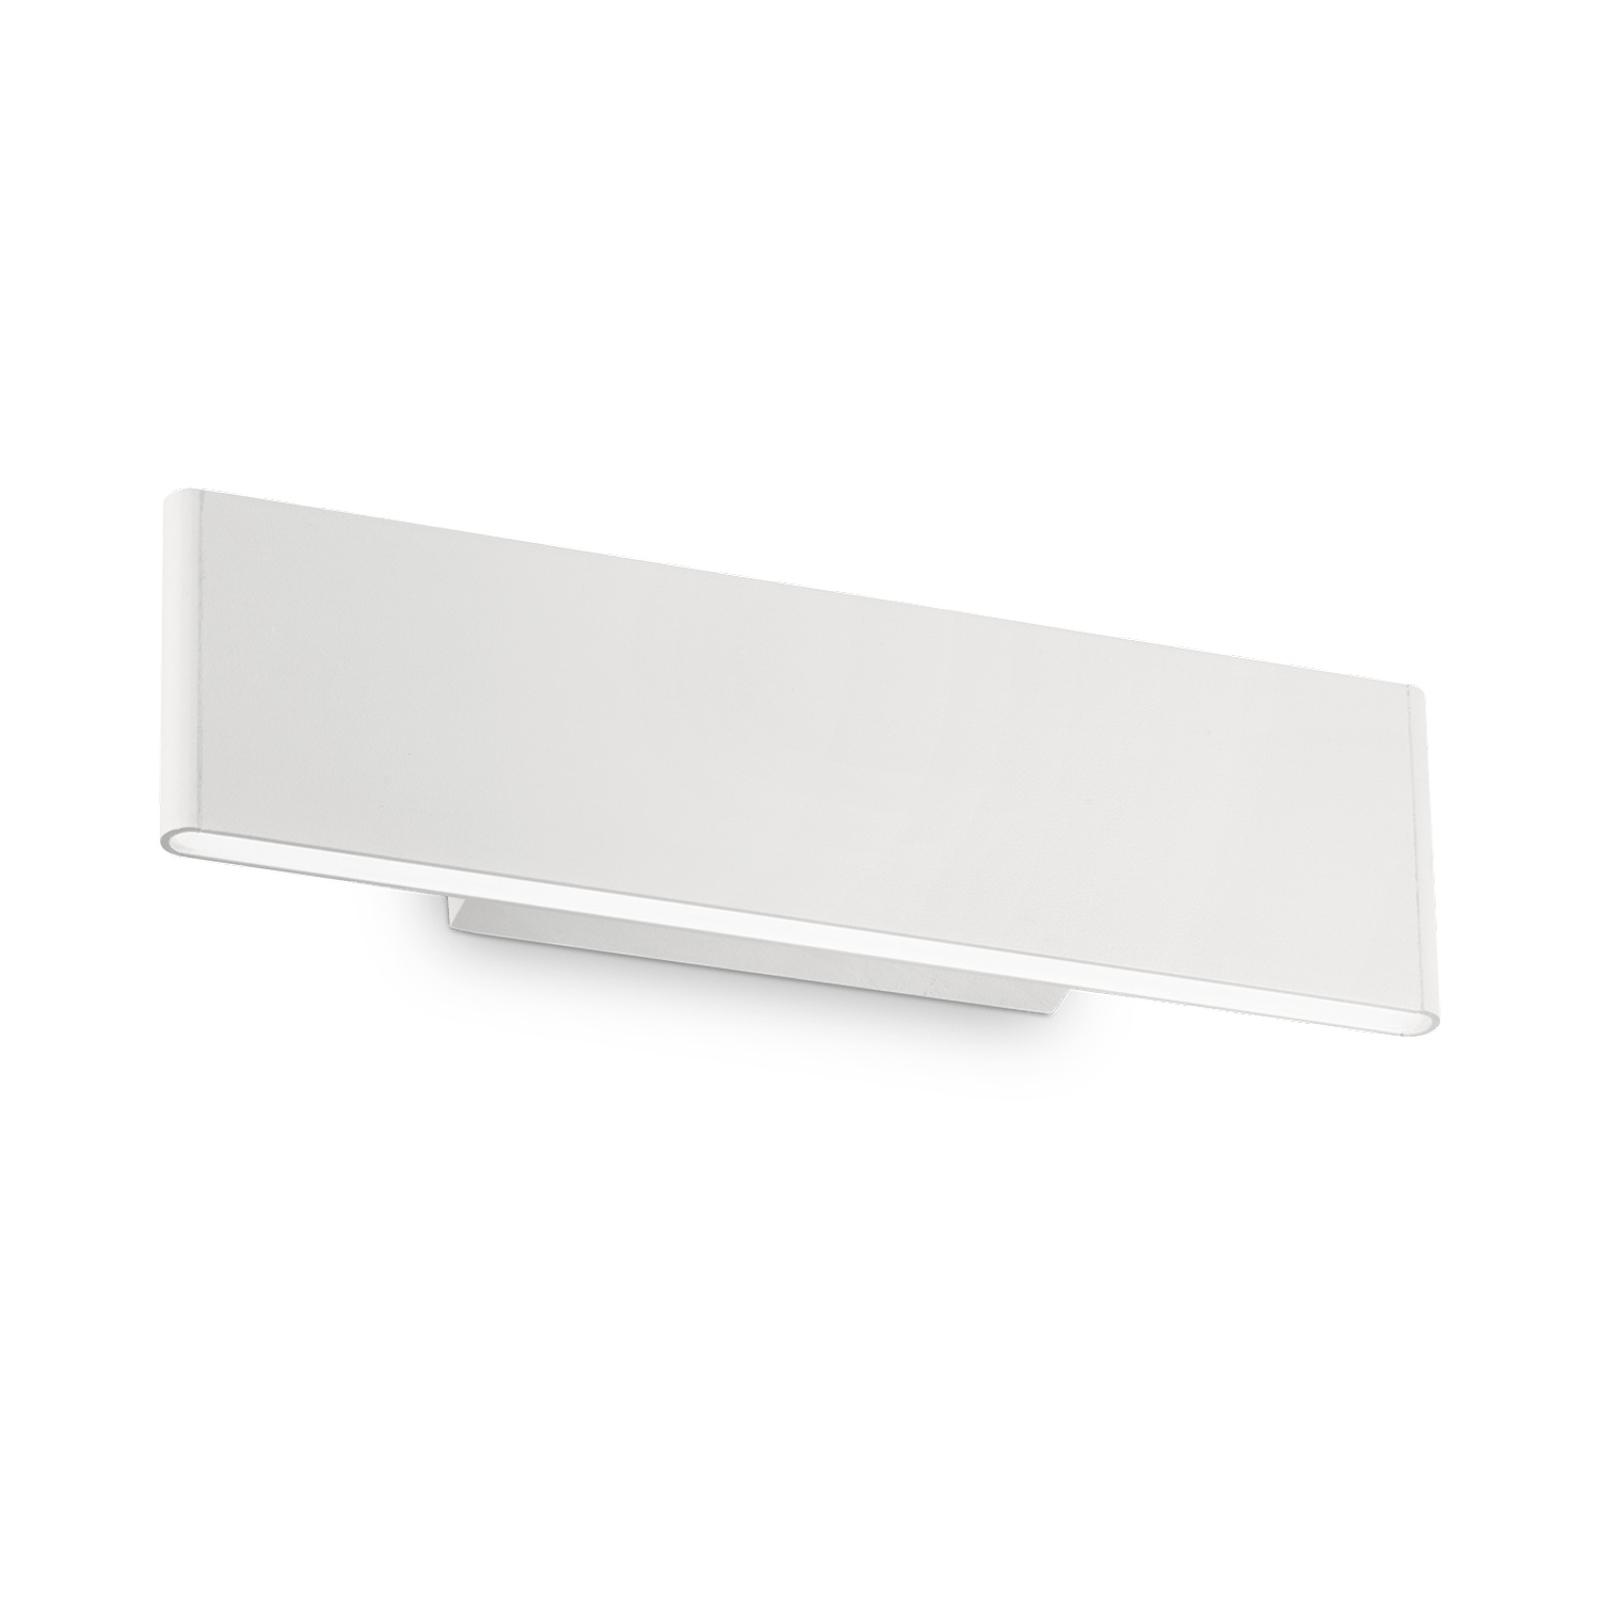 LED-Wandleuchte Desk weiß, Licht oben / unten kaufen